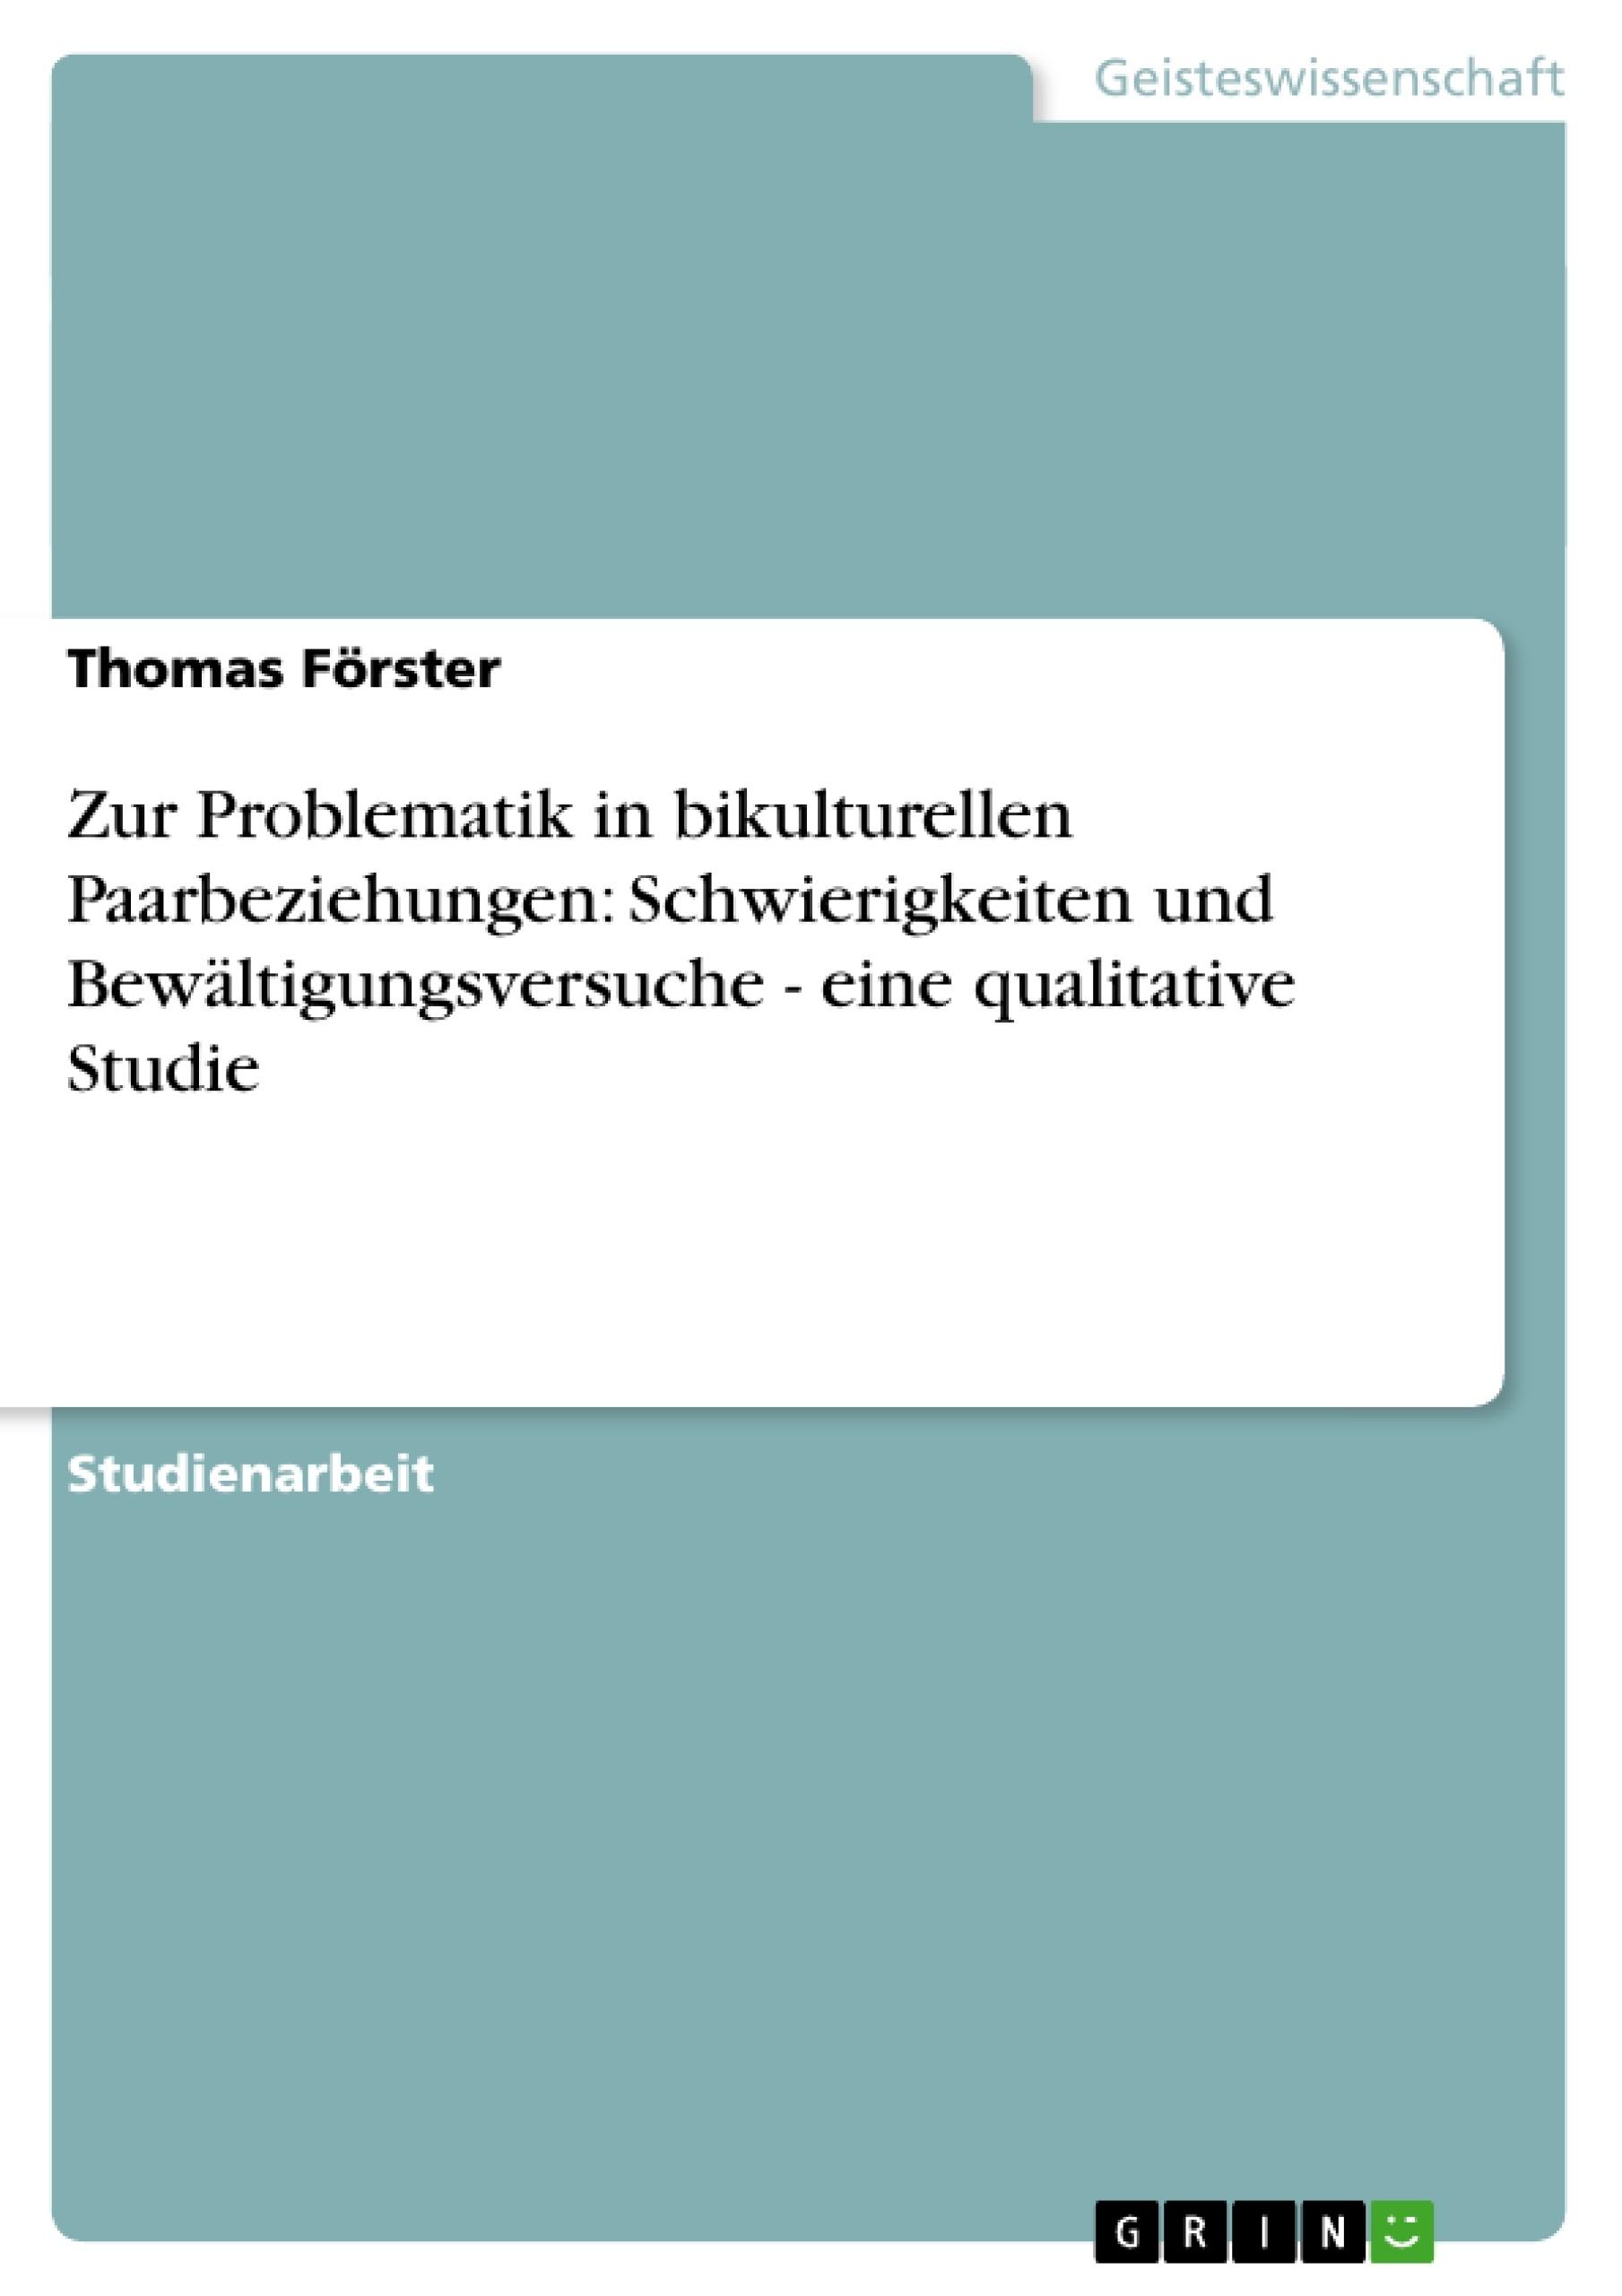 Titel: Zur Problematik in bikulturellen Paarbeziehungen: Schwierigkeiten und Bewältigungsversuche - eine qualitative Studie